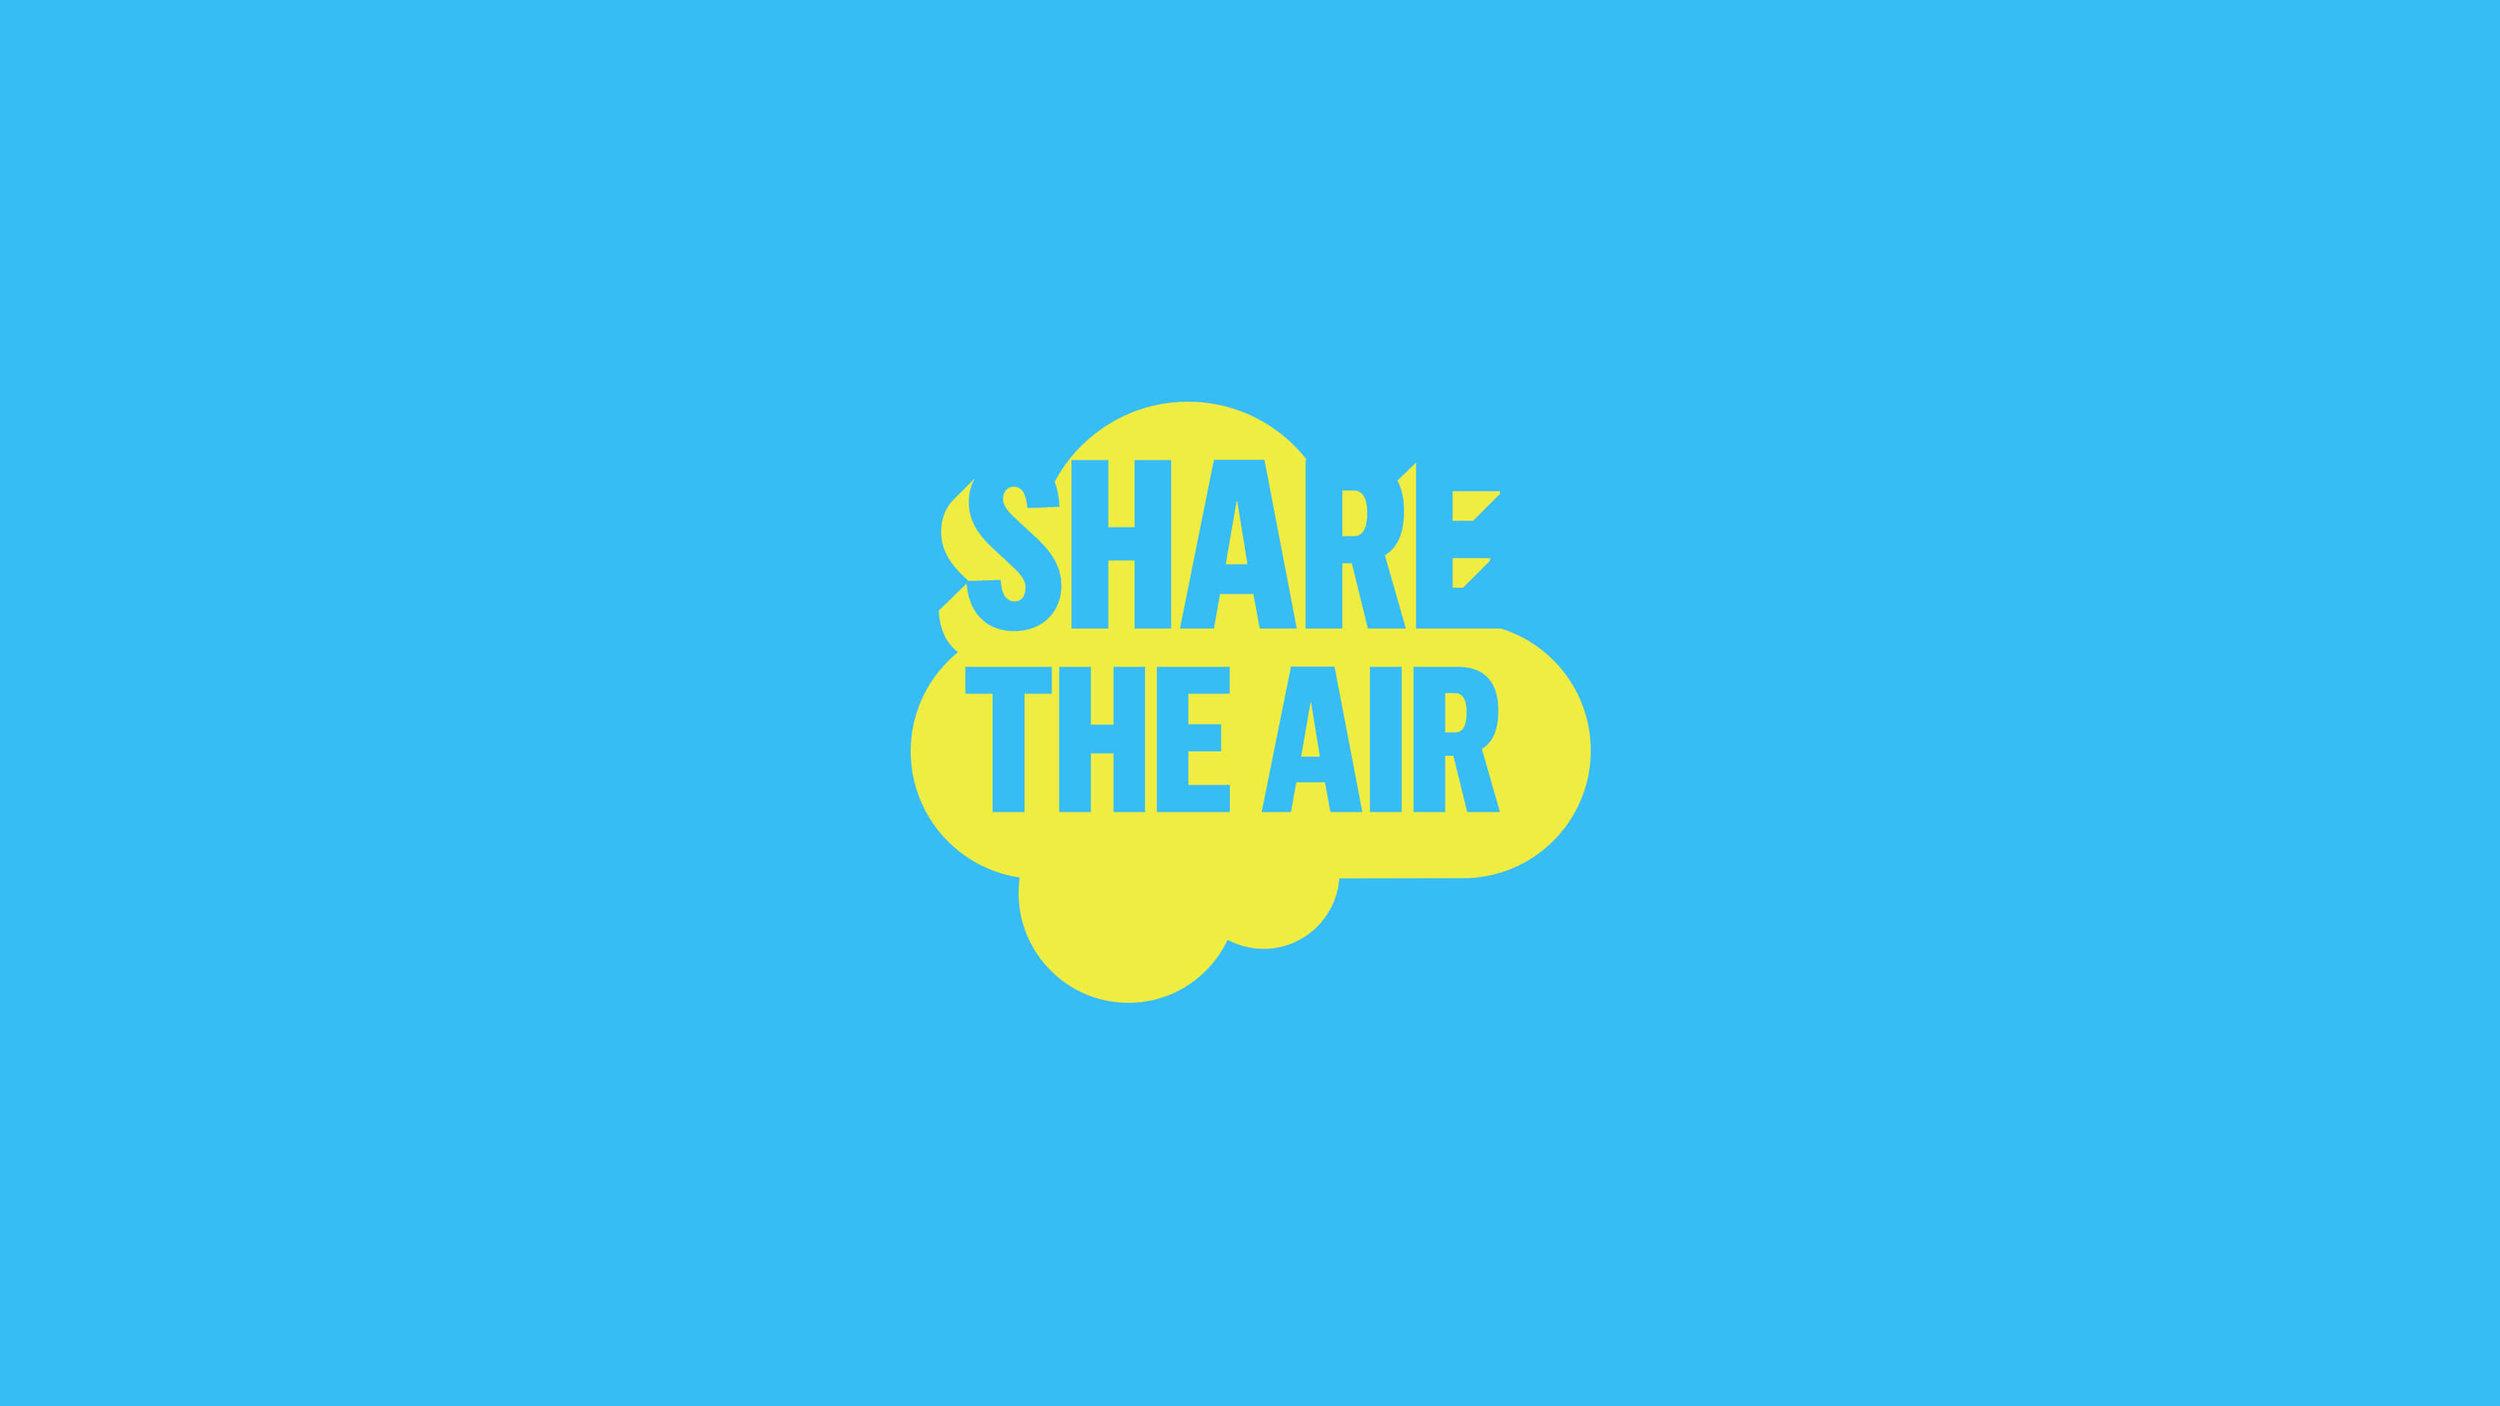 Share the Air logo